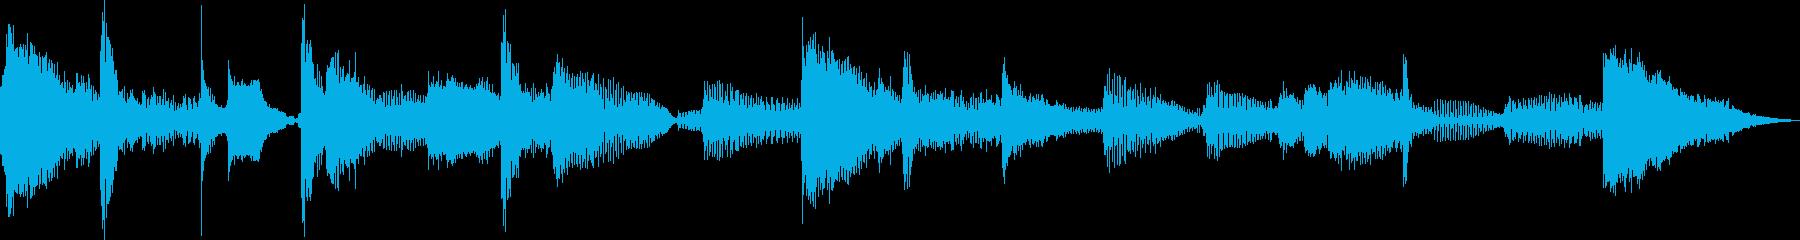 おしゃれなイメージのEDM風ジングルですの再生済みの波形